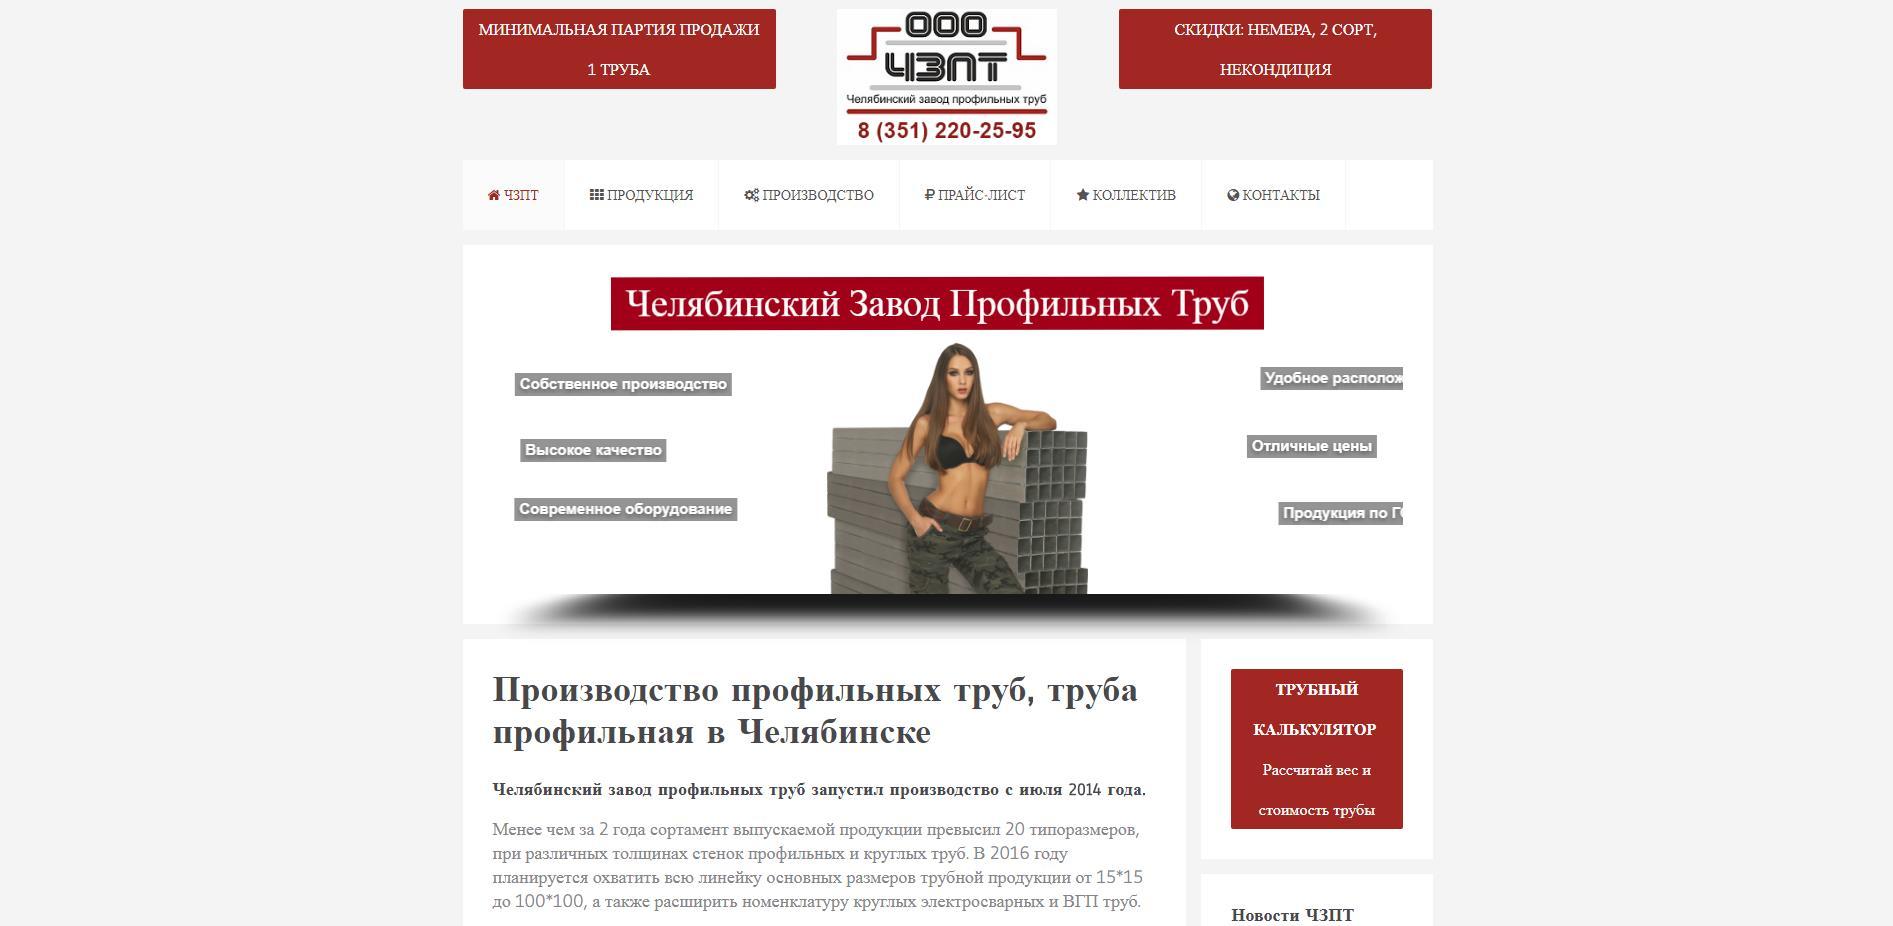 Рекламная кампания Google.AdWords для сайта chzpt.ru